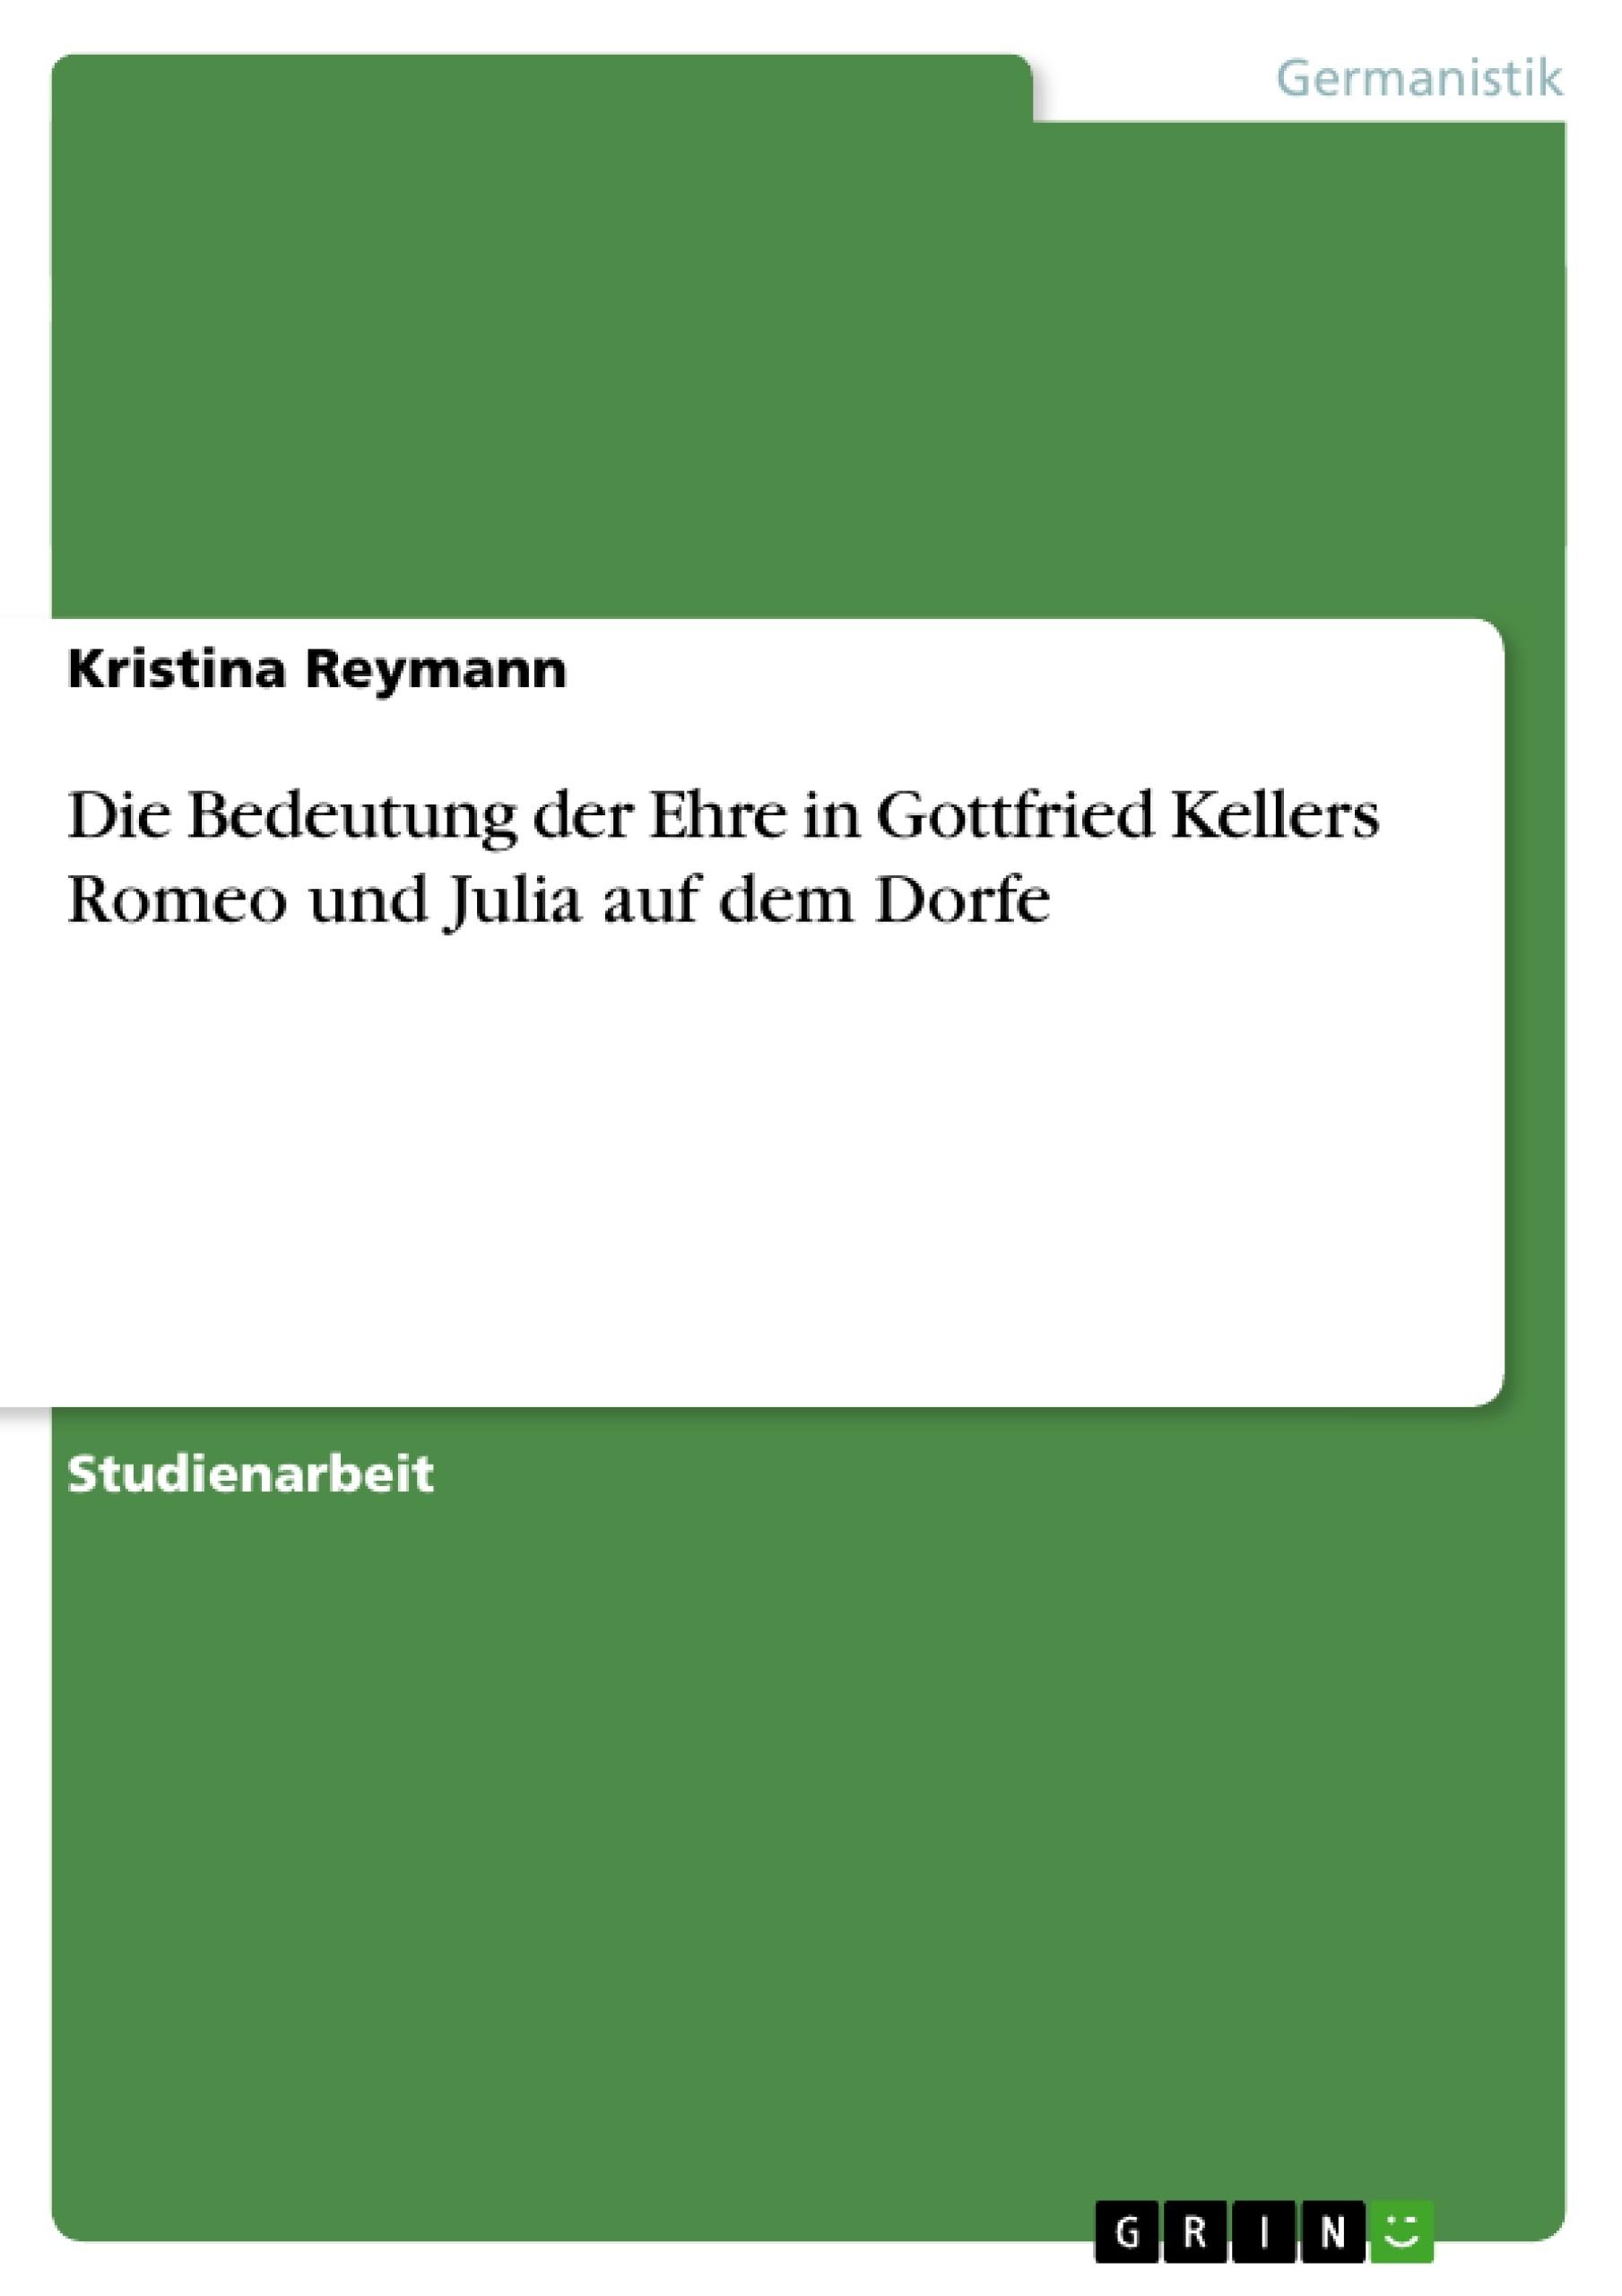 Titel: Die Bedeutung der Ehre in Gottfried Kellers Romeo und Julia auf dem Dorfe